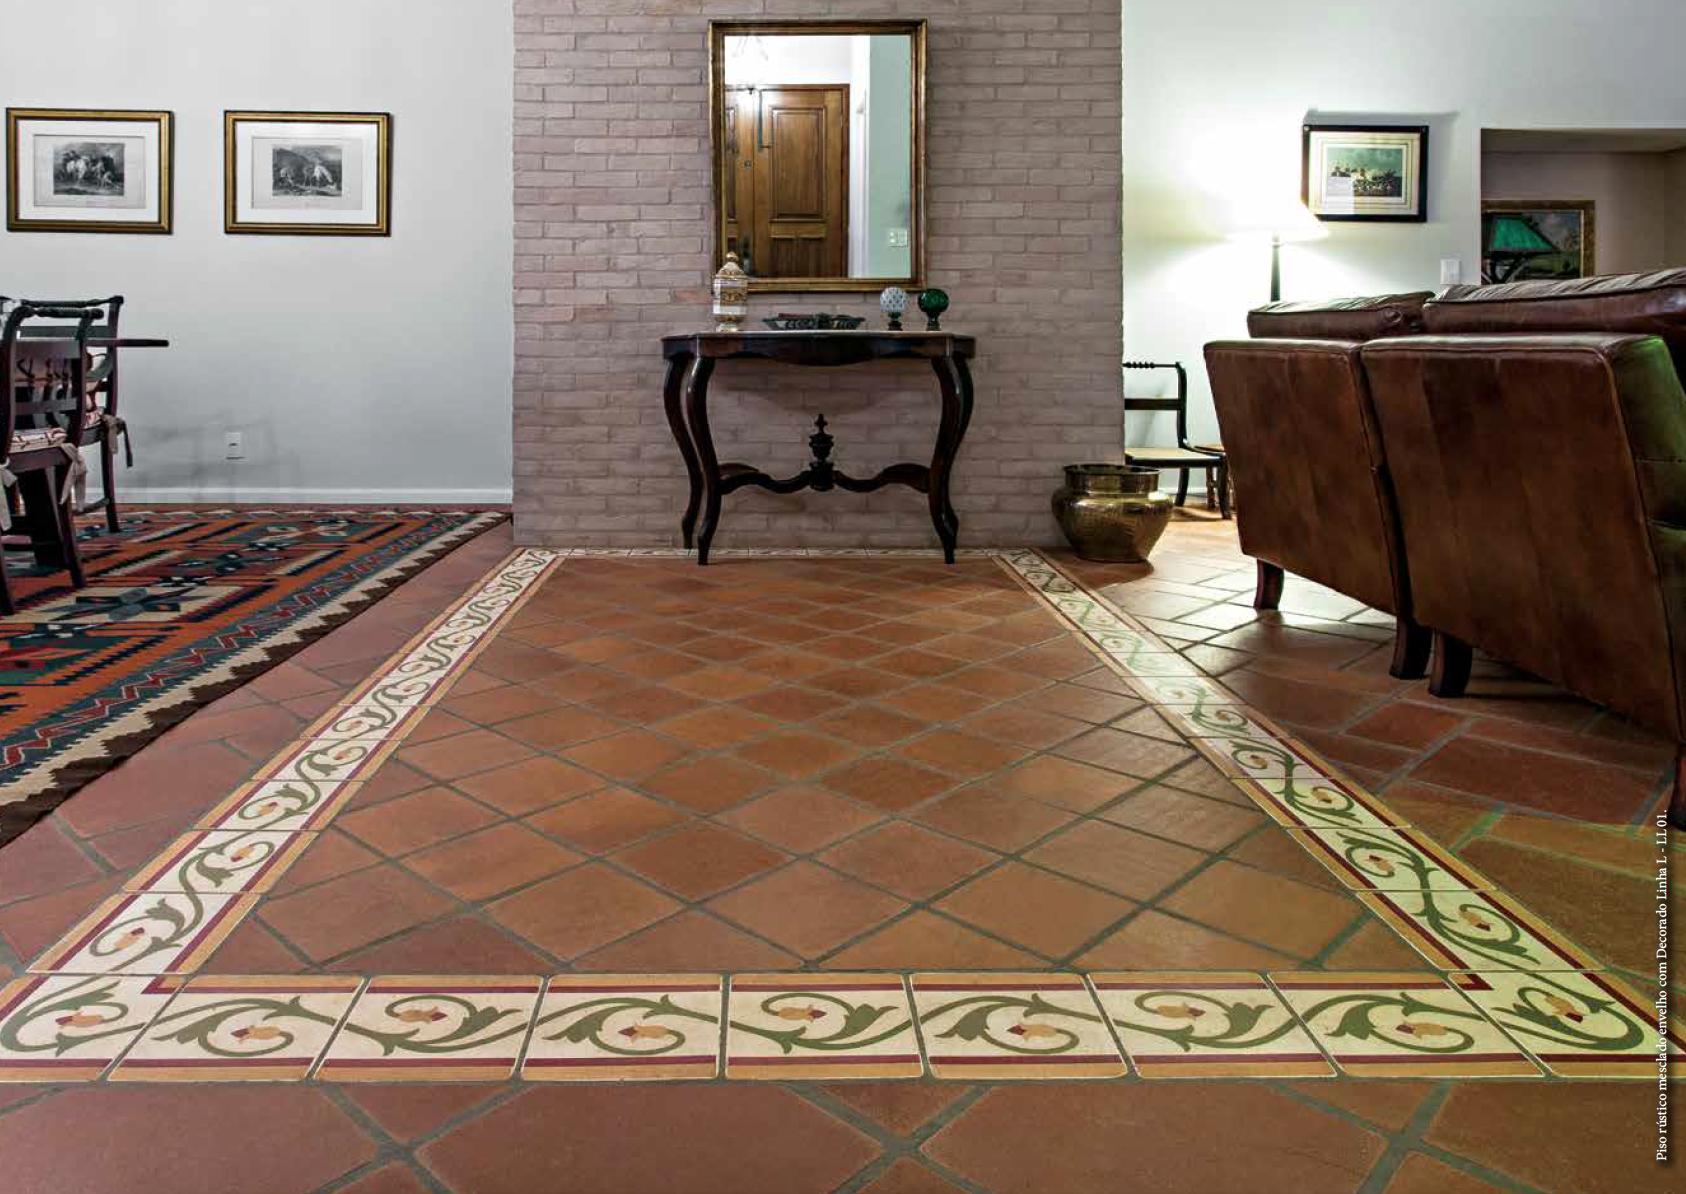 Piso r stico com faixa decorada brasil revest Pisos ceramicos rusticos para interiores